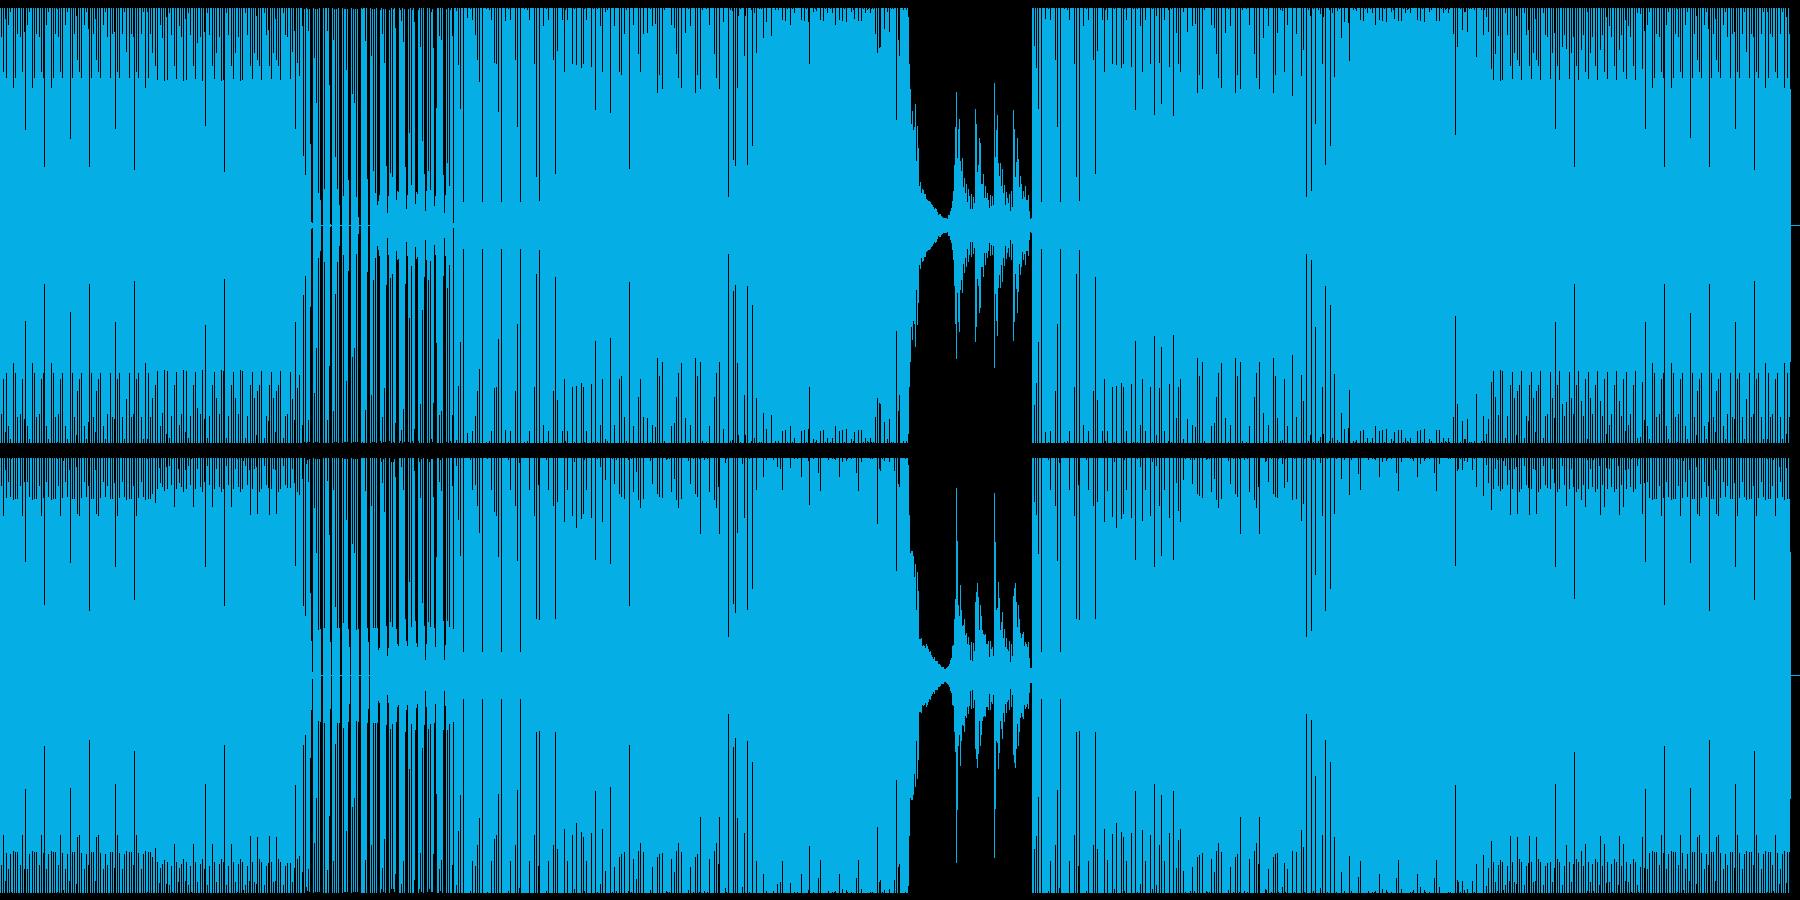 長いイントログルーブとパーカッショ...の再生済みの波形